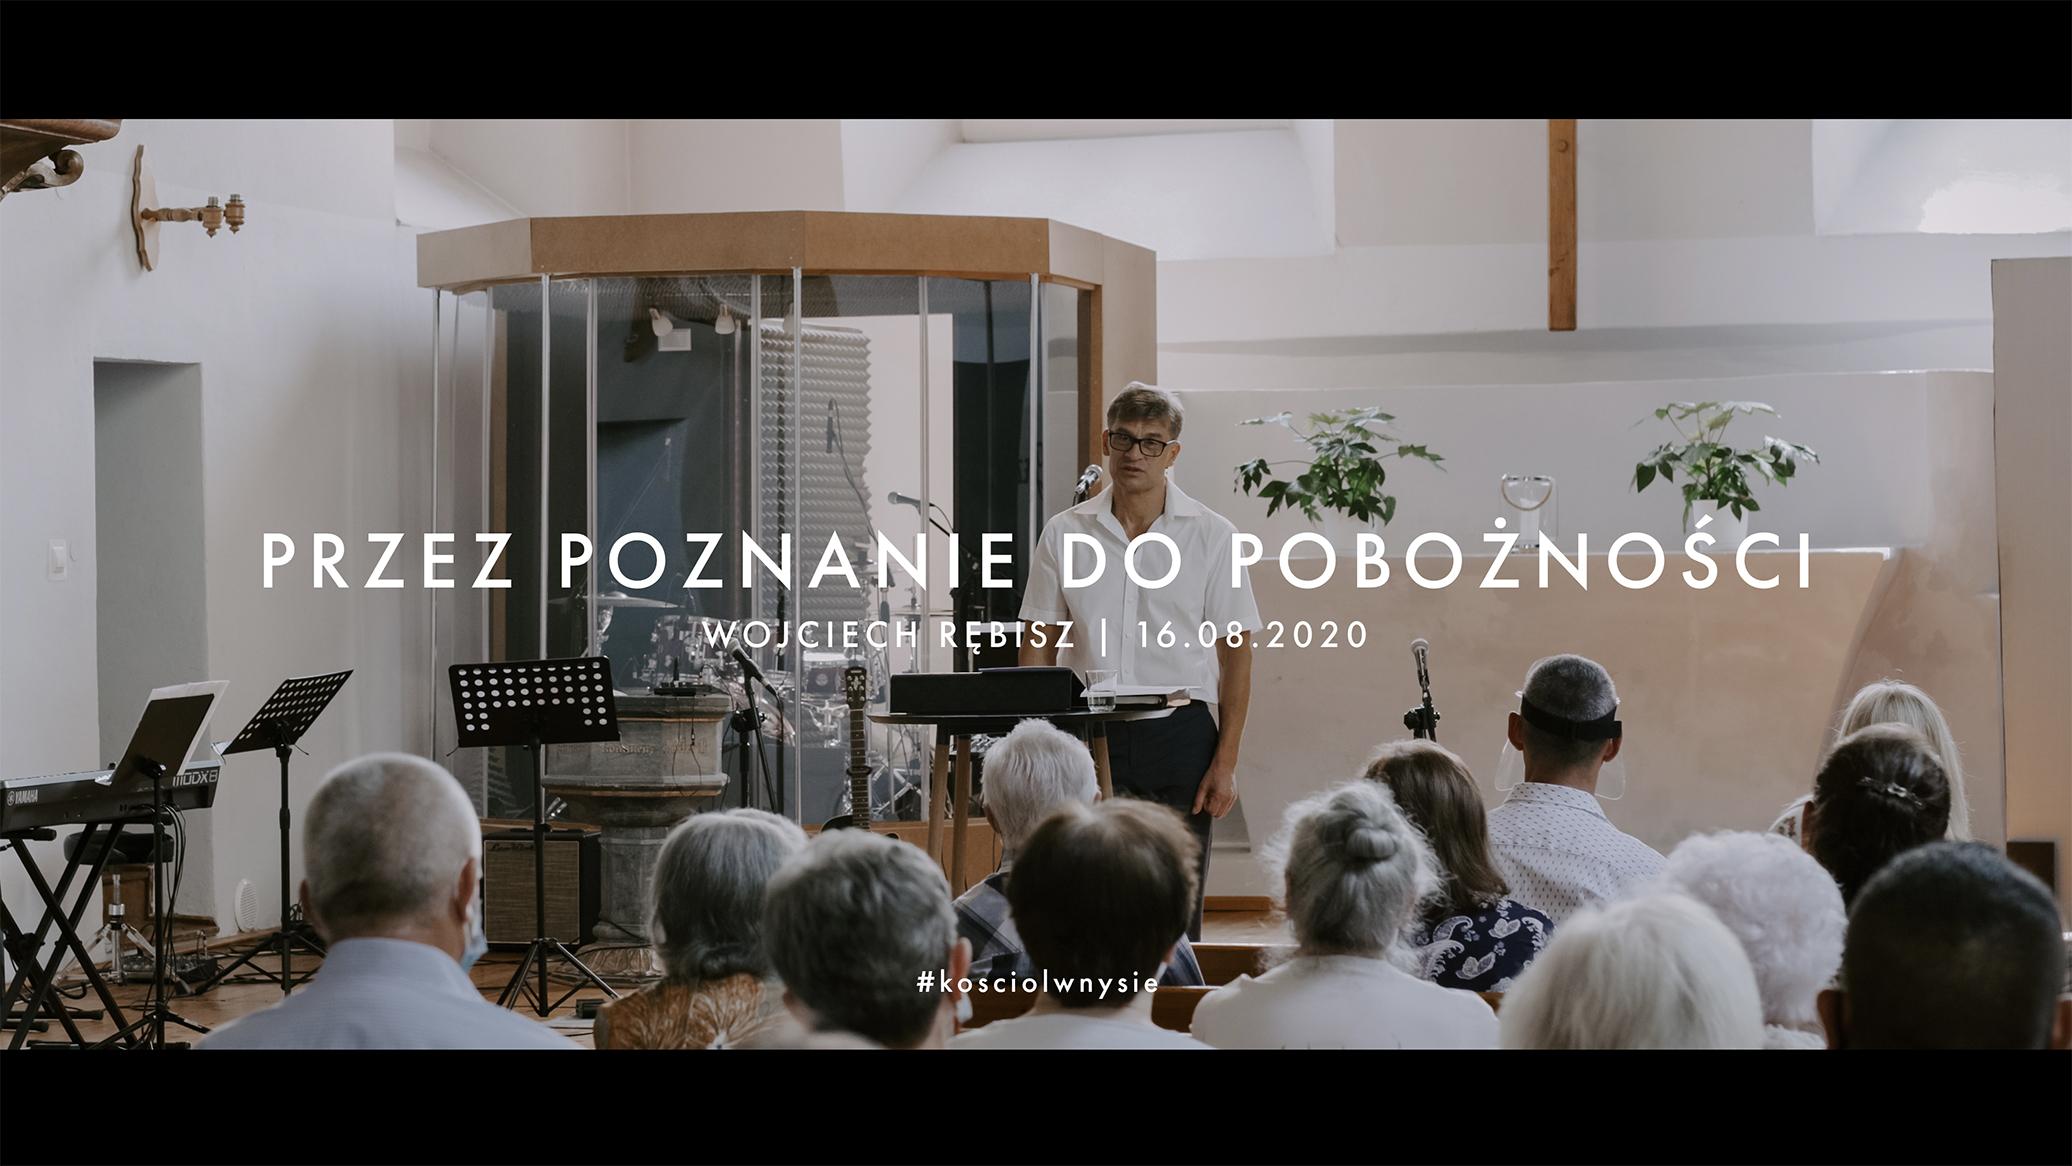 Przez poznanie do pobożności - Wojciech Rębisz